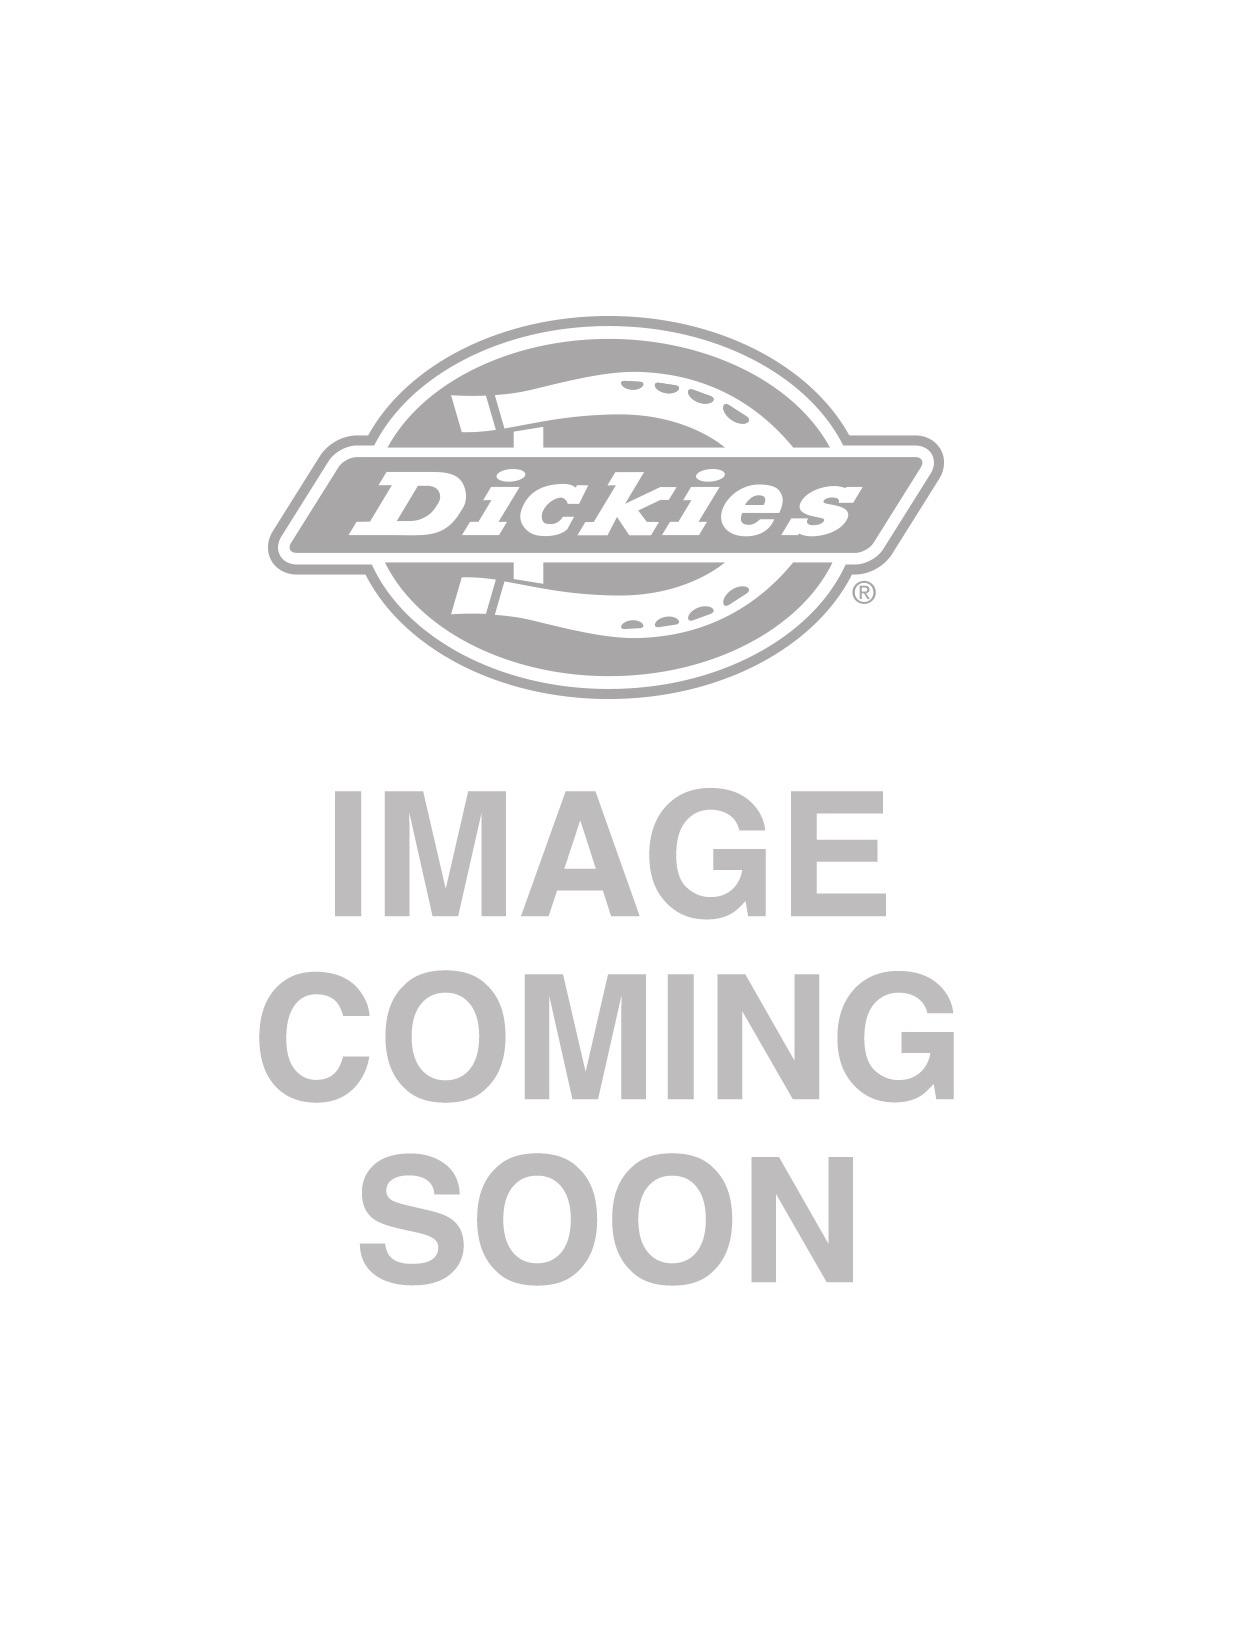 Dickies Rushville